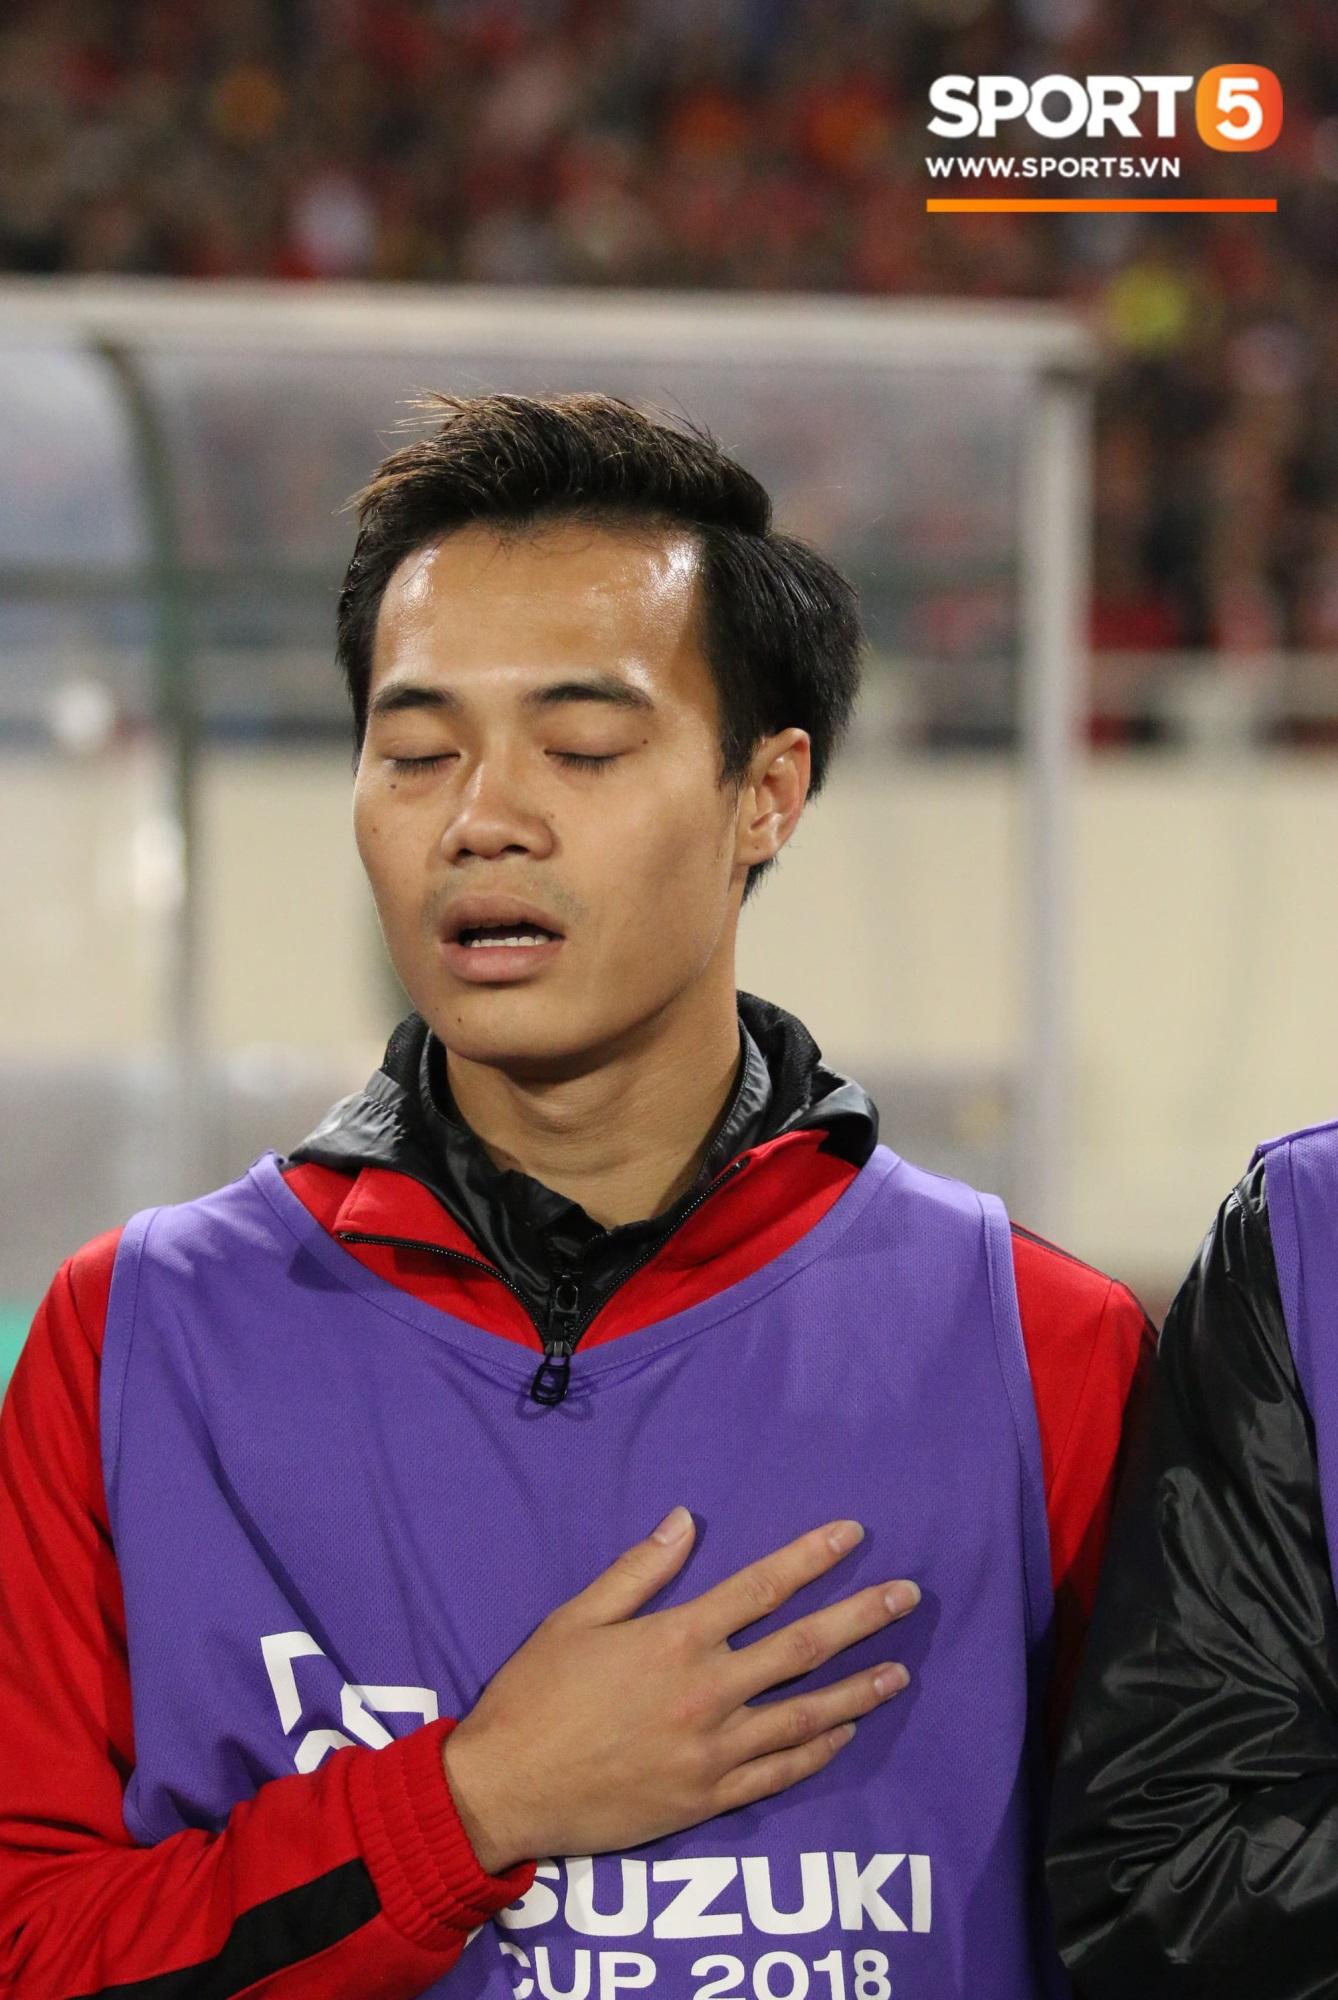 Giây phút chào cờ xúc động của đội tuyển Việt Nam, Đình Trọng, Hồng Duy cùng cầu nguyện trước khi xung trận - Ảnh 6